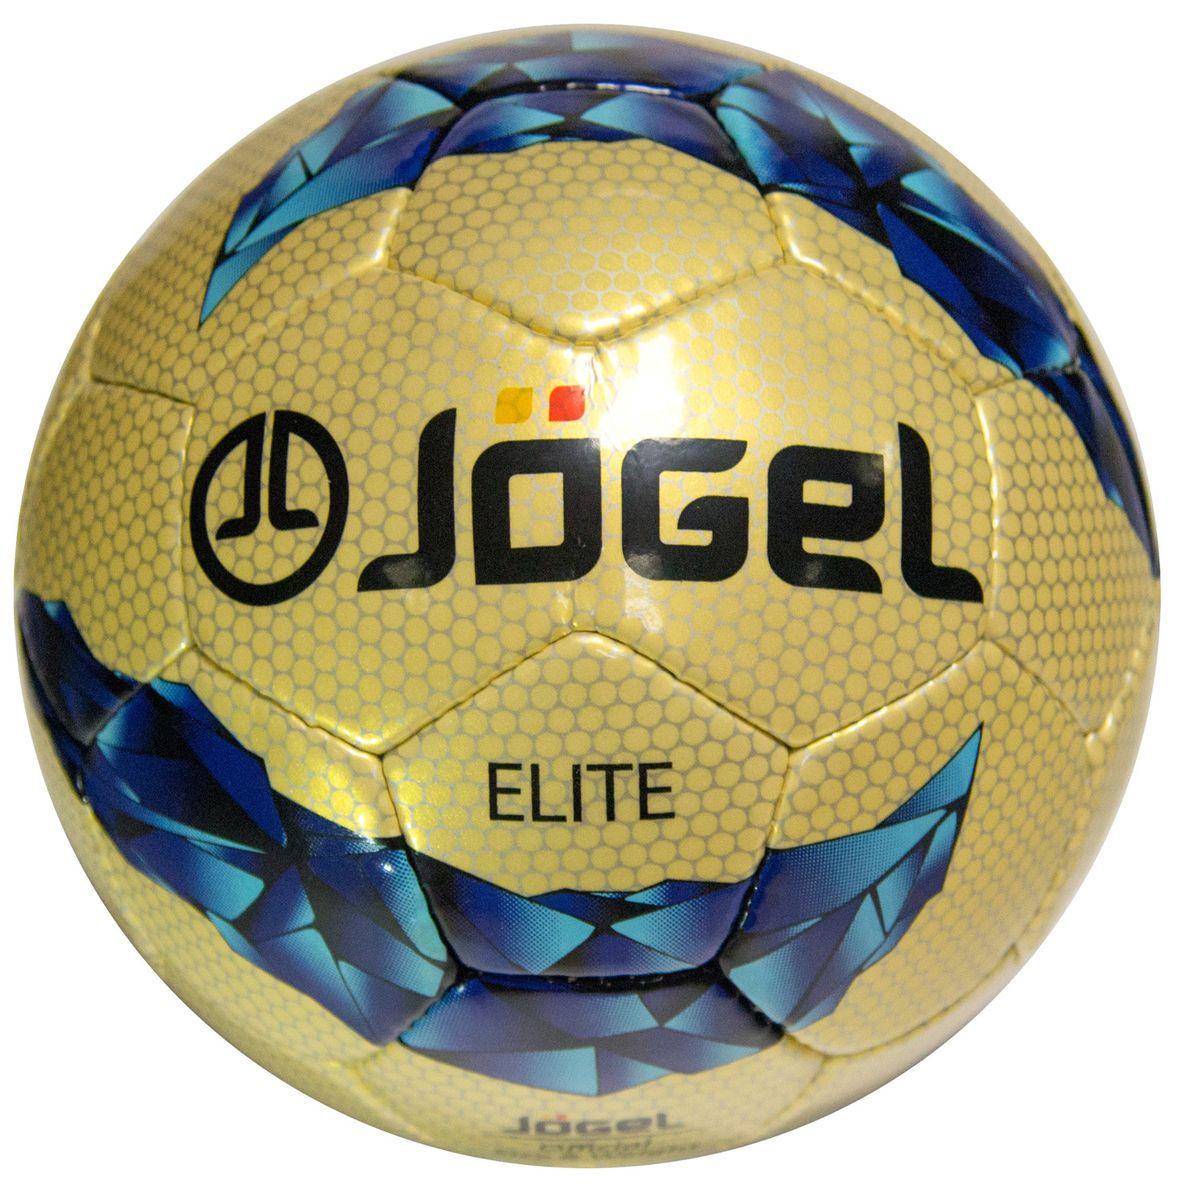 Мяч футбольный Jogel Elite, цвет: золотистый, фиолетовый, голубой, черный. Размер 5. JS-800УТ-00009478Название: Мяч футбольный Jgel JS-800 Elite №5 Категория: Матчевый мяч Коллекция: 2016/2017 Описание: Jogel JS-800 Elite замечательный мяч ручной сшивки матчевого уровня, обладающий отличными игровыми и аэродинамическими характеристиками, благодаря высококачественным материалам, используемым при его изготовлении. Данный мяч рекомендован для тренировок и игр клубов среднего уровня, а также профессиональных команд. Поверхность мяча выполнена из глянцевой синтетической кожи (полиуретан) толщиной 1,5 мм с внутренним двухтонным рисунком. Мяч имеет 4 подкладочных слоя на нетканой основе (смесь хлопка с полиэстером) и оснащен латексной камерой с бутиловым ниппелем, обеспечивающим долгое сохранение воздуха в камере. Уникальной особенностью бренда Jogel является традиционная конструкция мячей из 30 панелей. Привлекательный дизайн Коллекции 2016/2017 ярко выделяет мячи Jogel на витрине. Данный мяч подходит для поставок на гос. тендеры. При производстве мячей Jogel не используется детский труд....